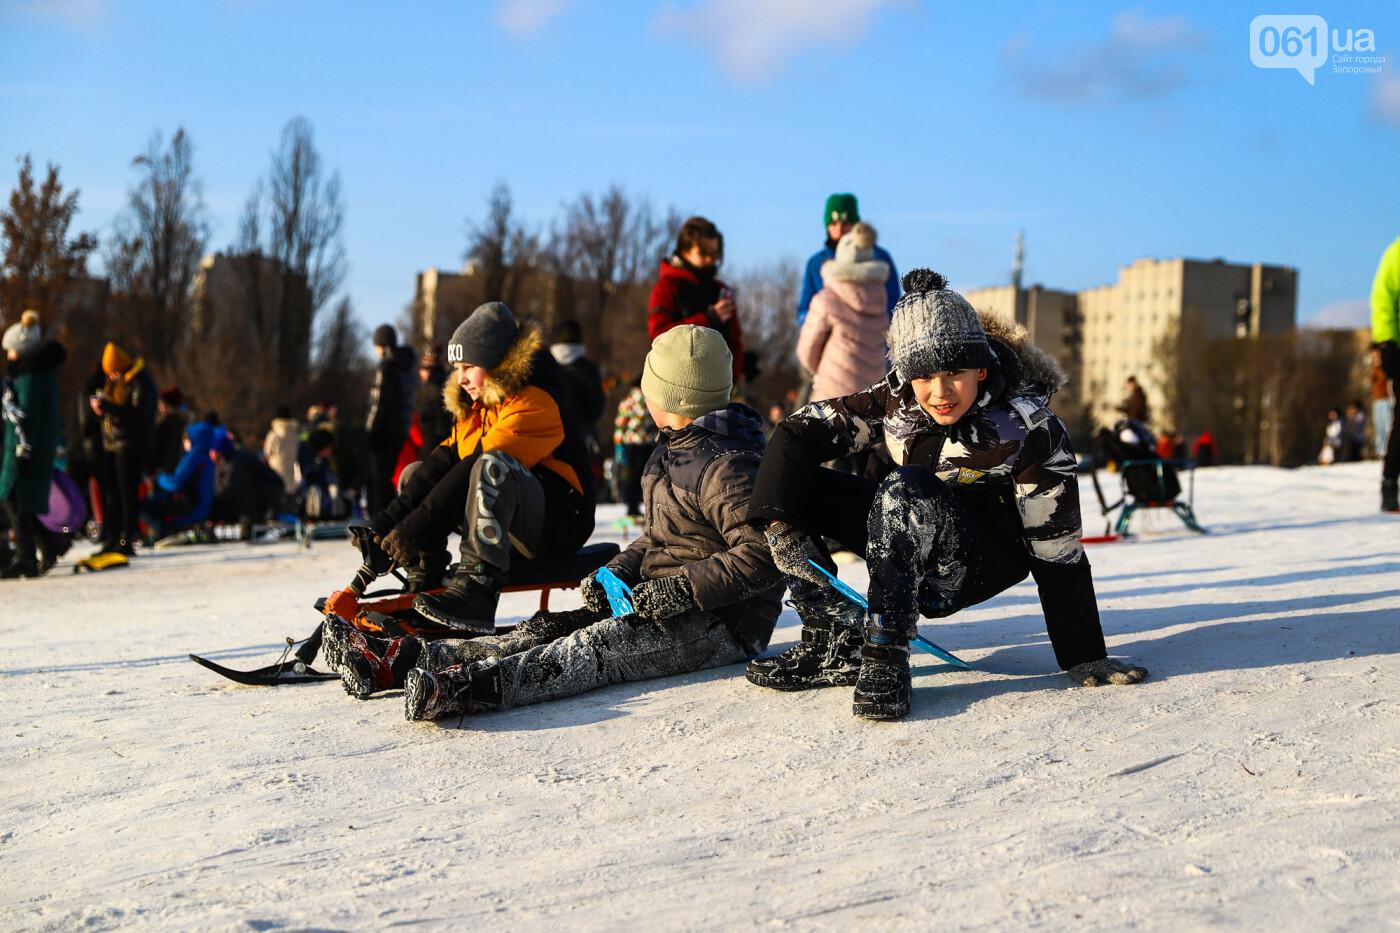 На санках, лыжах и сноуборде: запорожцы устроили массовое катание с горок в Вознесеновском парке, - ФОТОРЕПОРТАЖ, фото-16